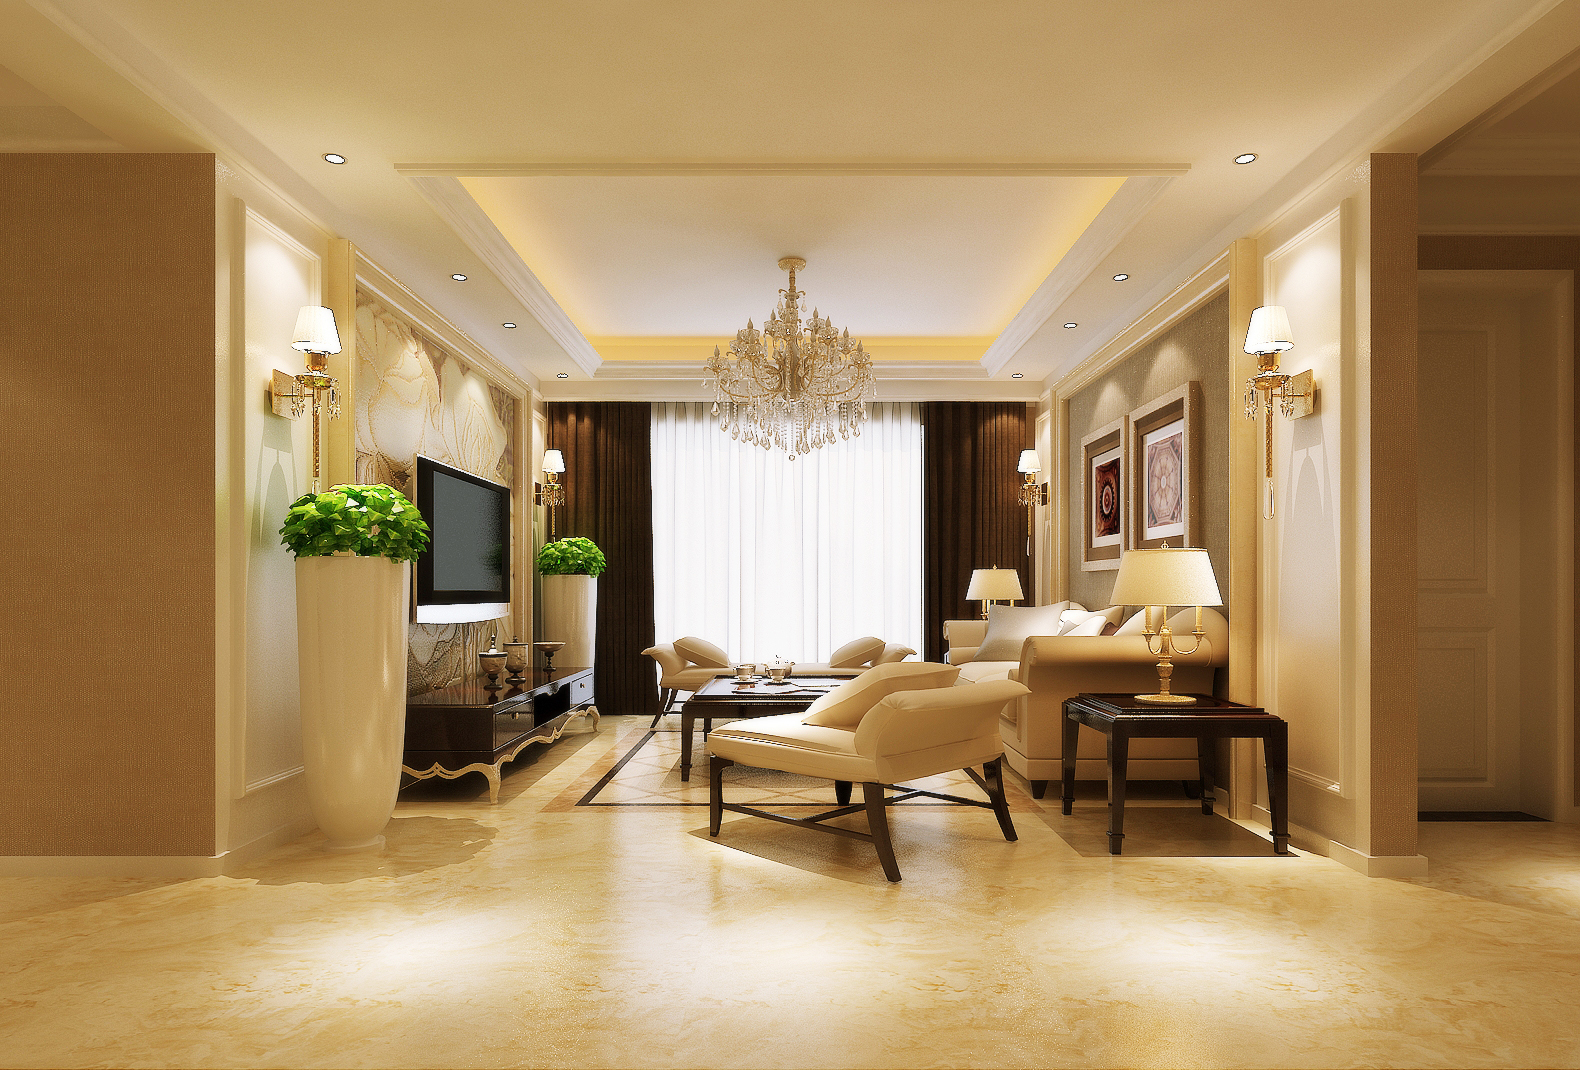 锦艺国际 三居室 简约主义 效果图 设计 客厅图片来自文金春在锦艺国际华都三居室简约风格的分享